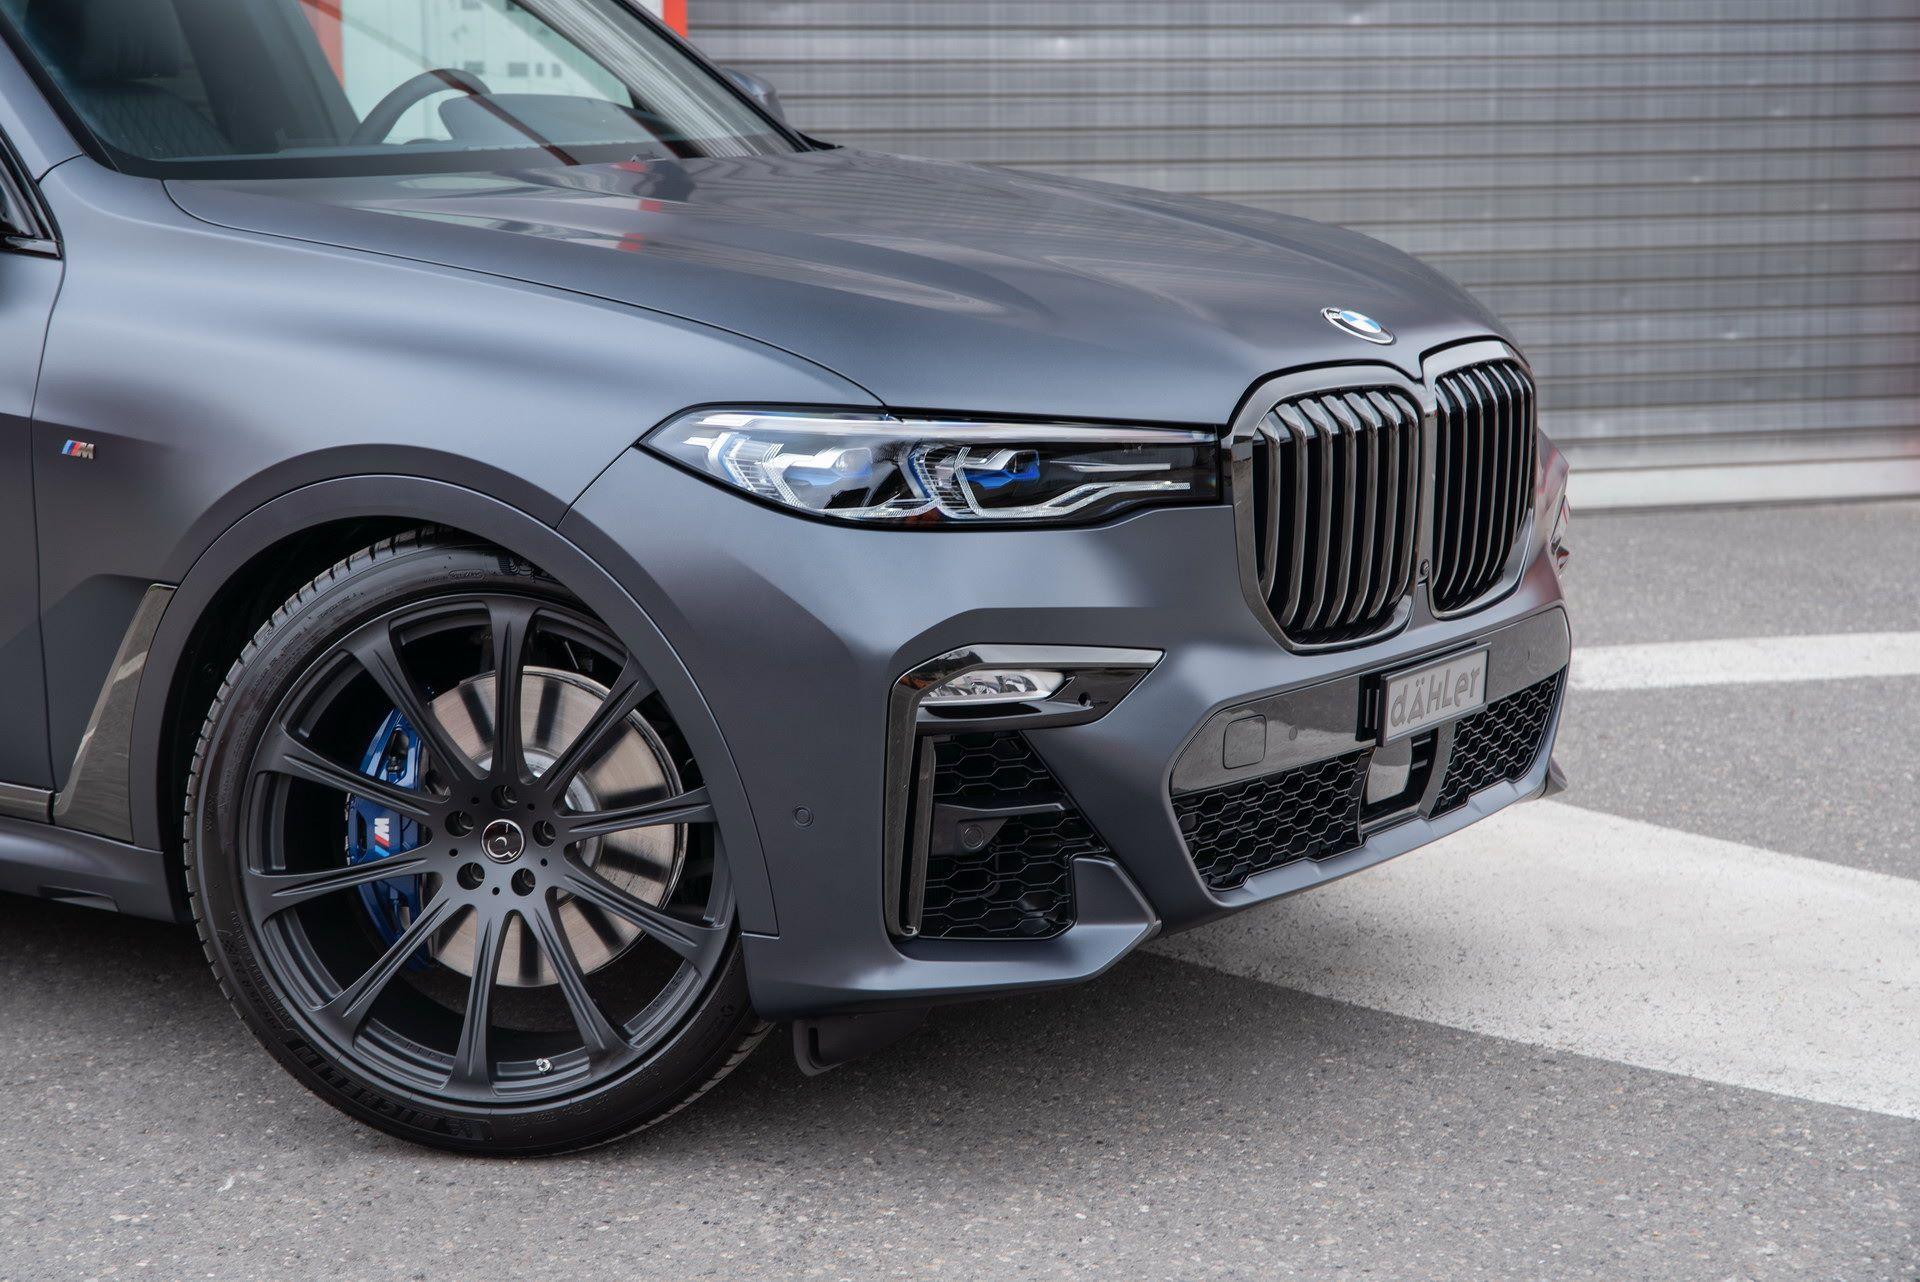 BMW-X7-by-Dahler-10